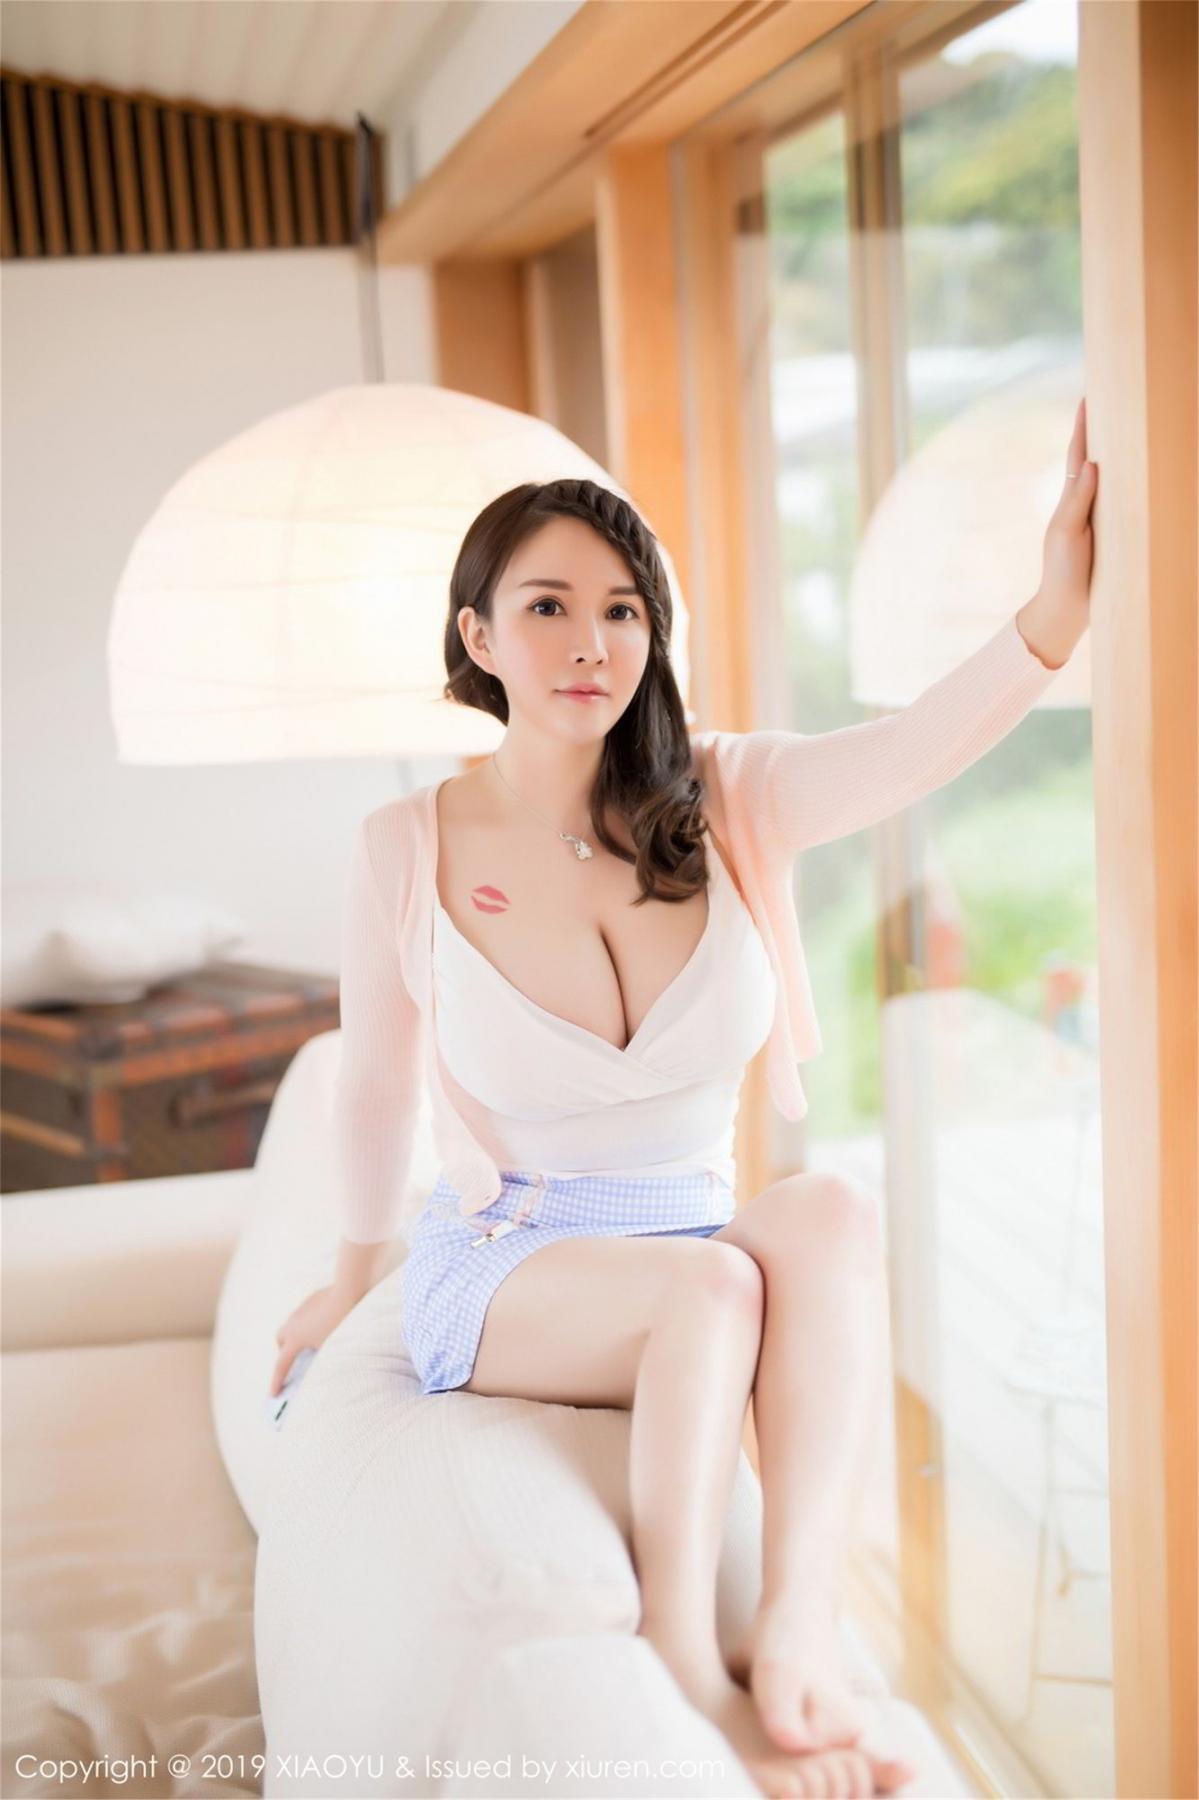 [XiaoYu] Vol.080 Shen Mi Tao 42P, Shen Mi Tao, XiaoYu